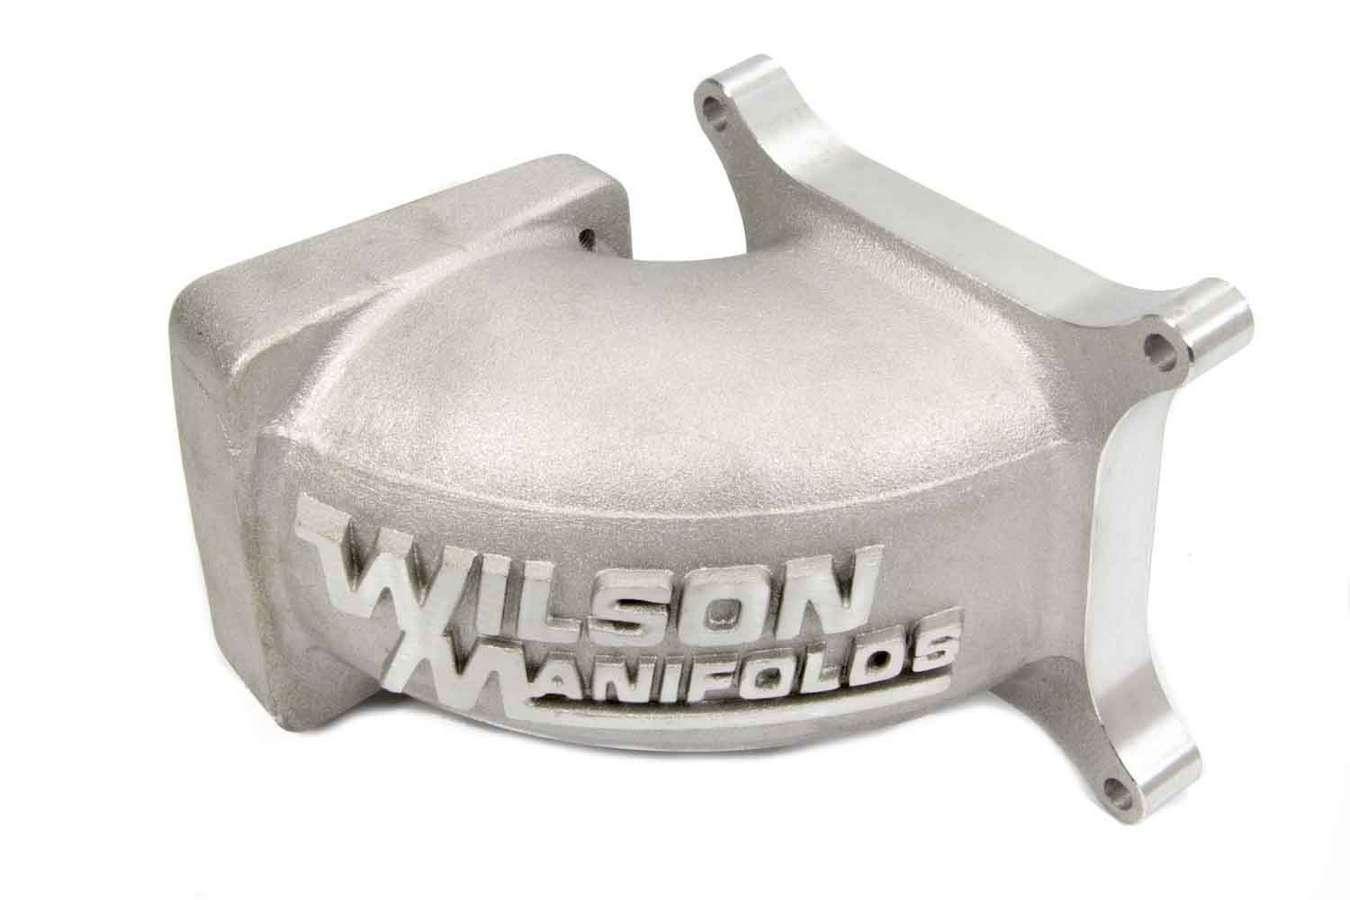 Standard Elbow 90-105mm  - 4150 Flange